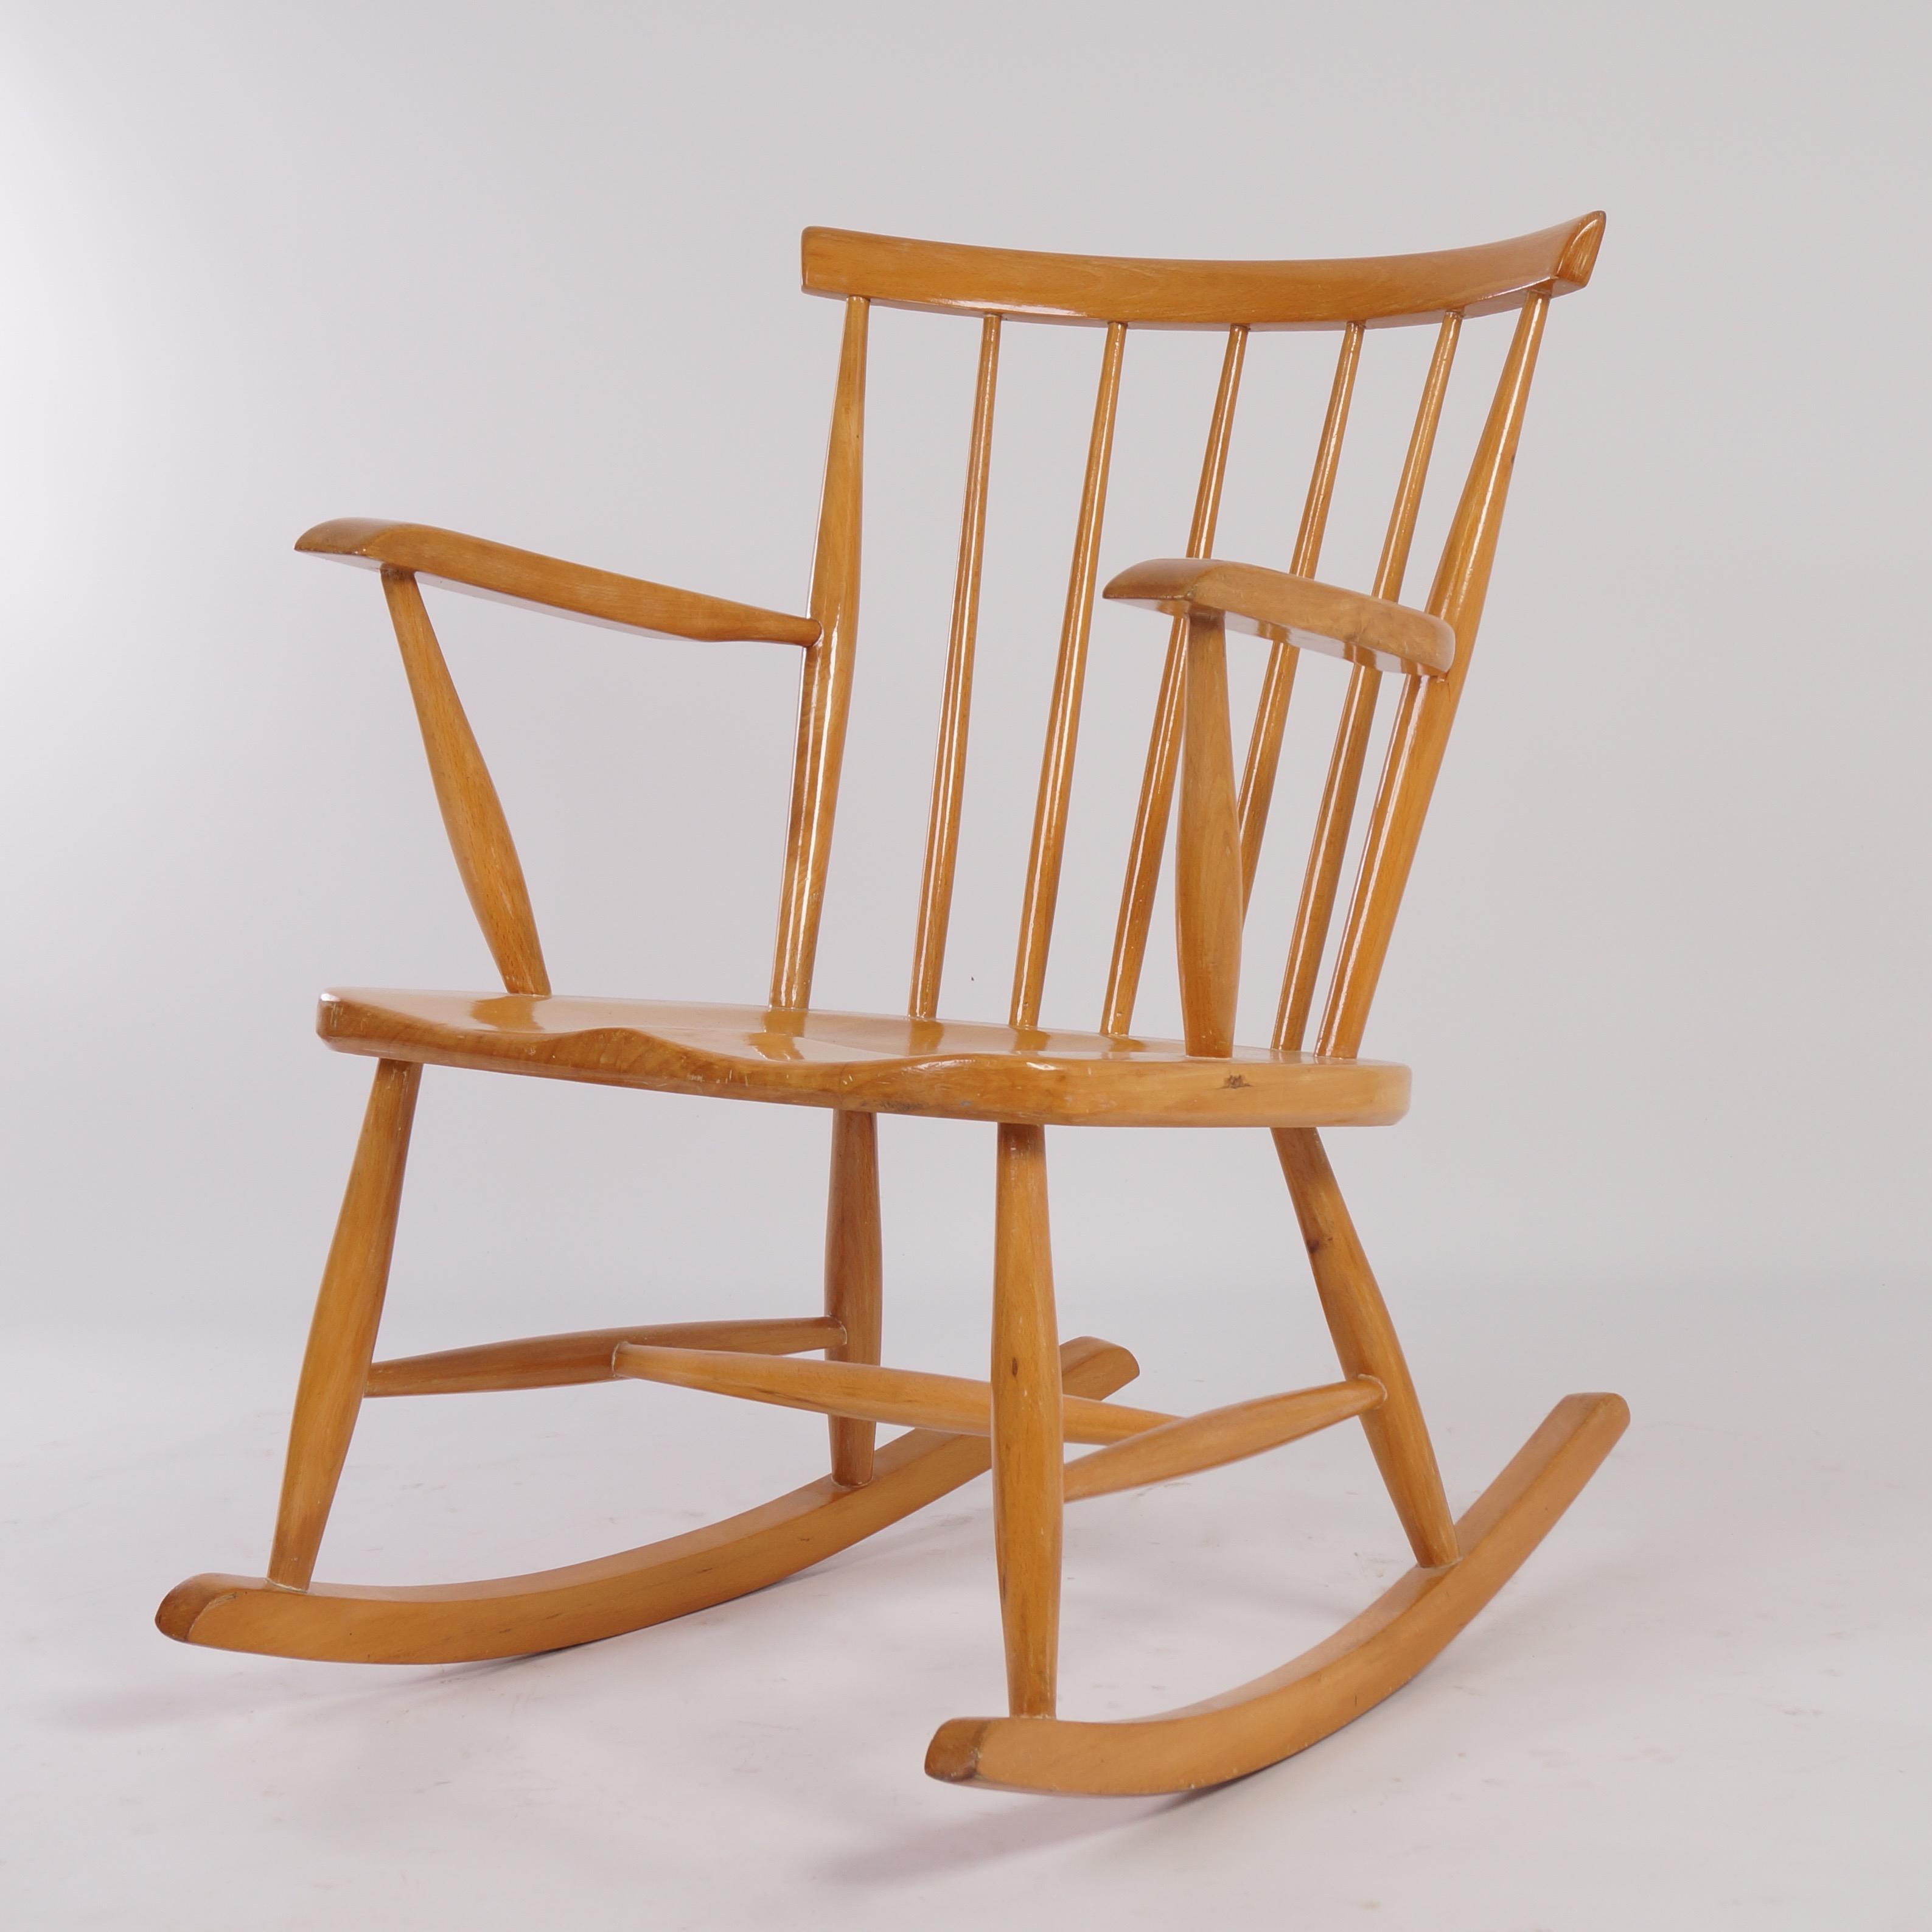 Vintage Rocking Chair, 1960S Regarding Mid Century Birch Rocking Chairs (#20 of 20)